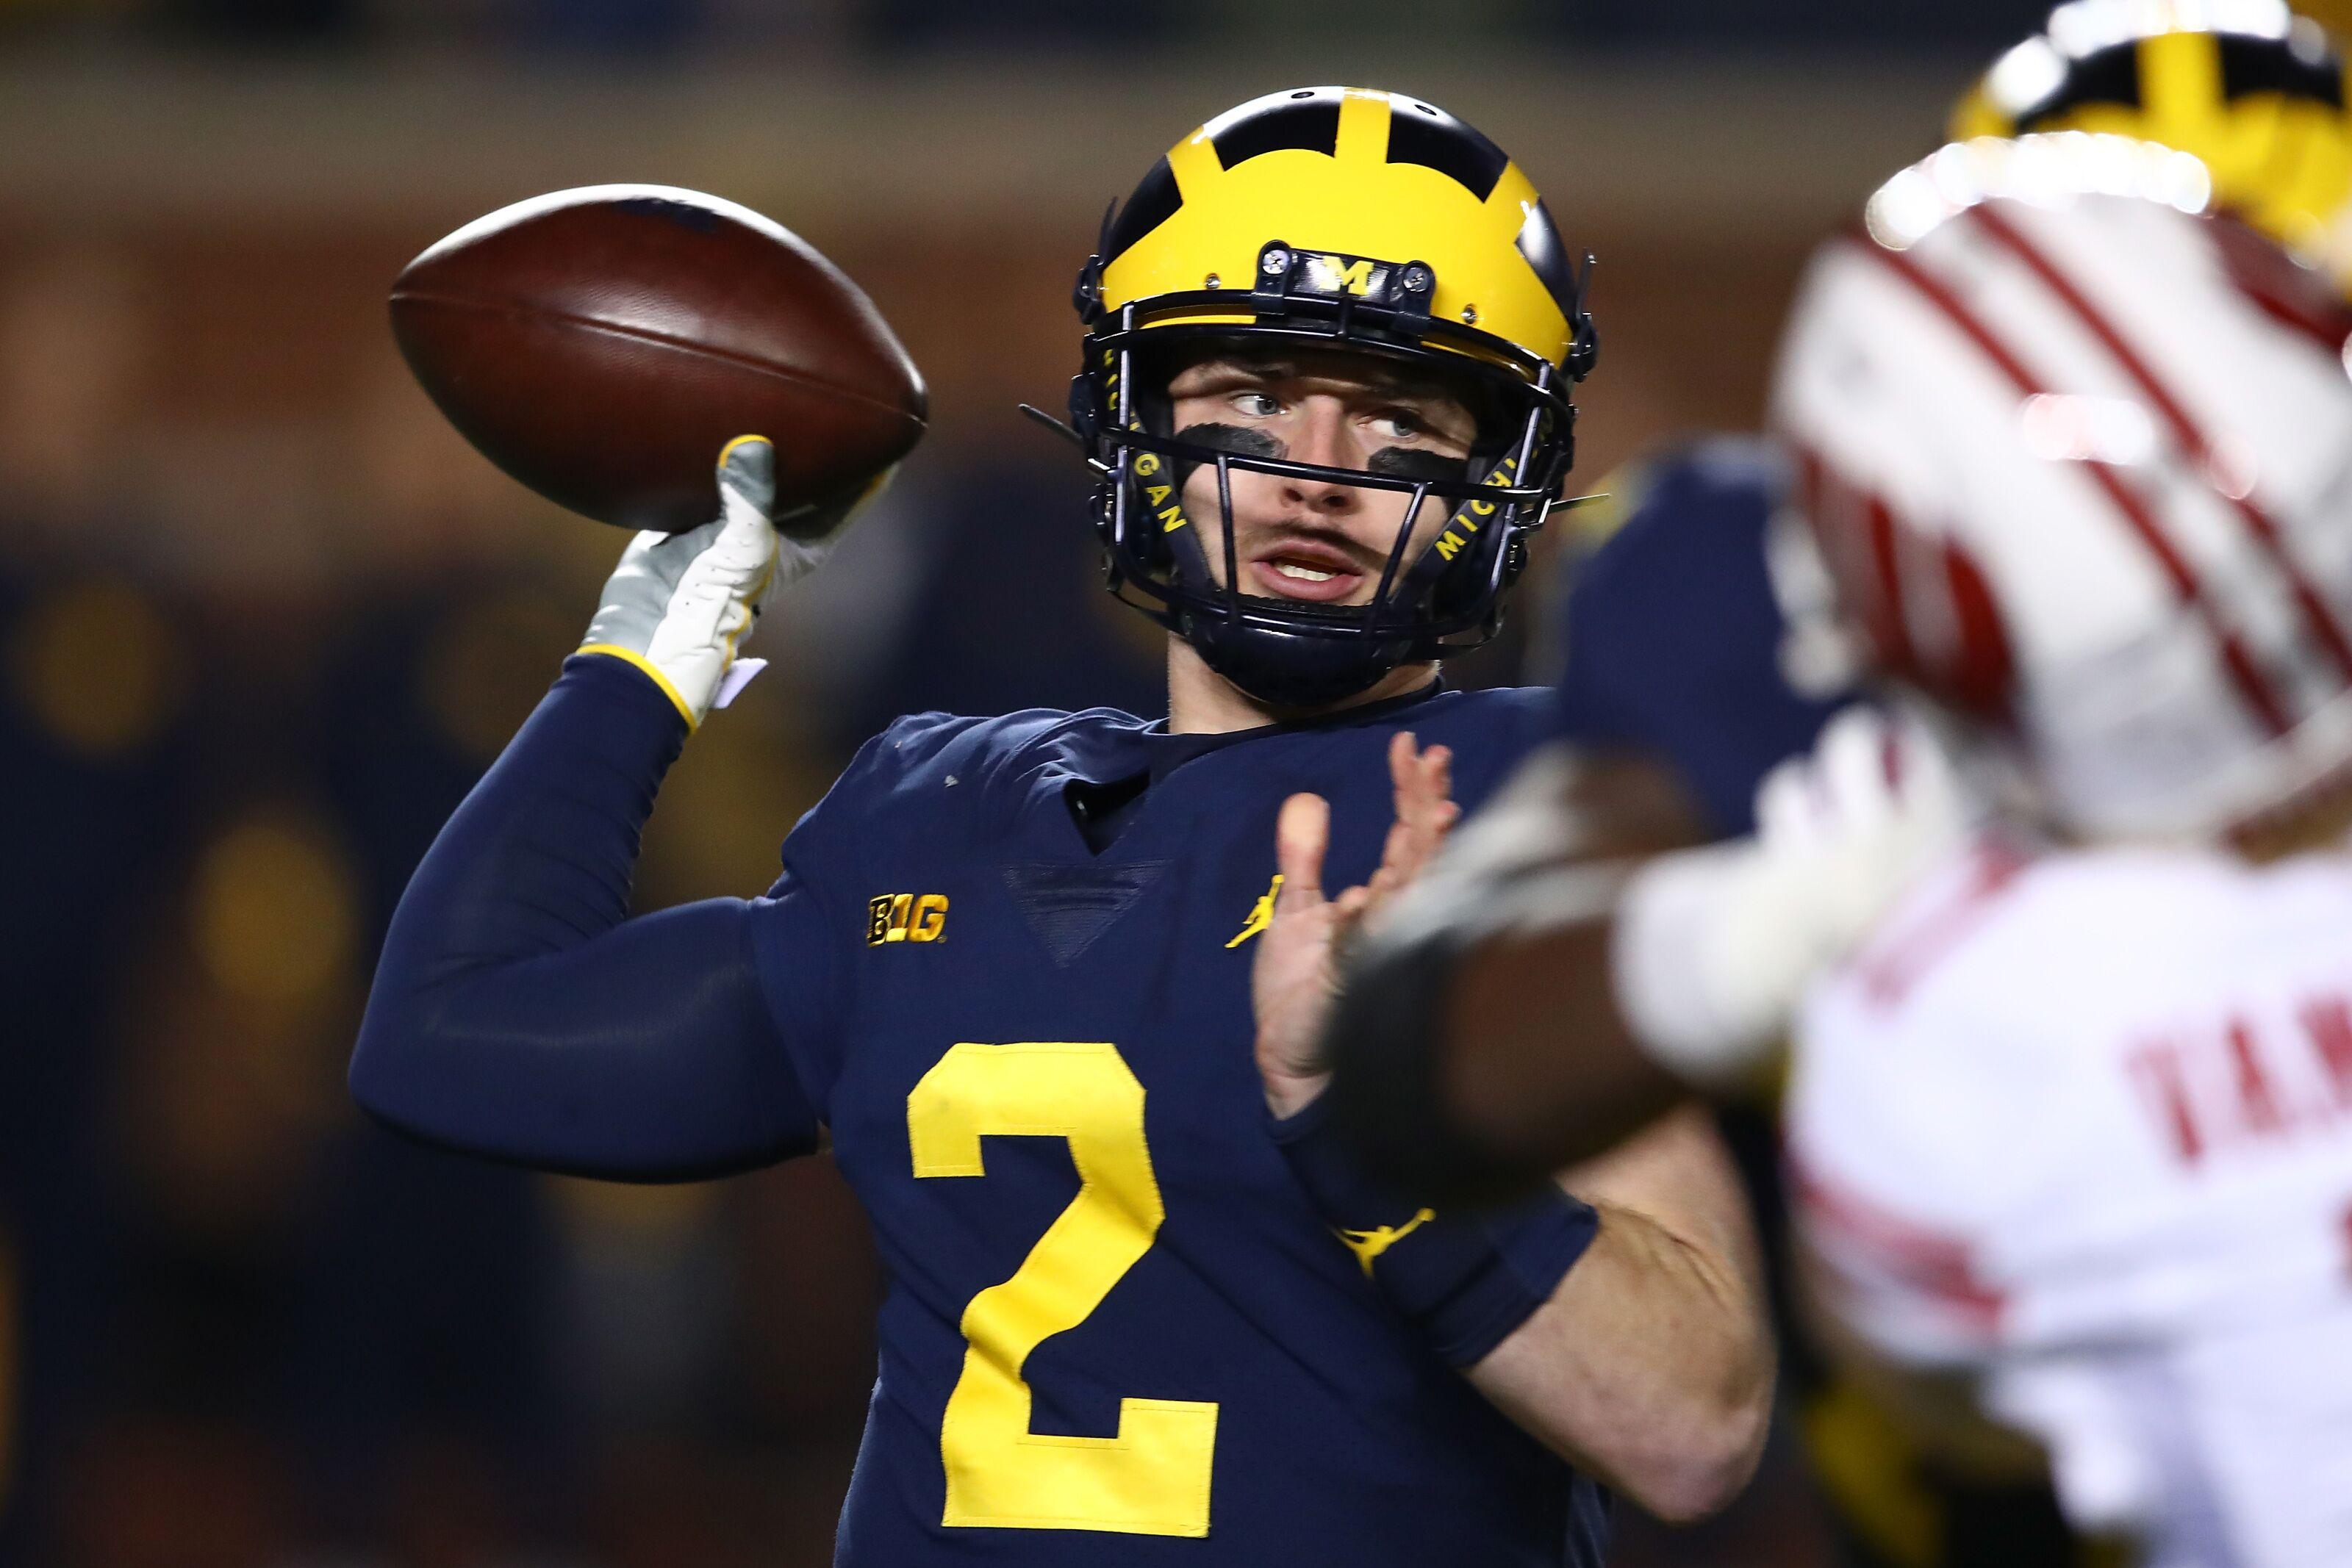 Michigan Football: Shea Patterson could make a run at Maxwell Award